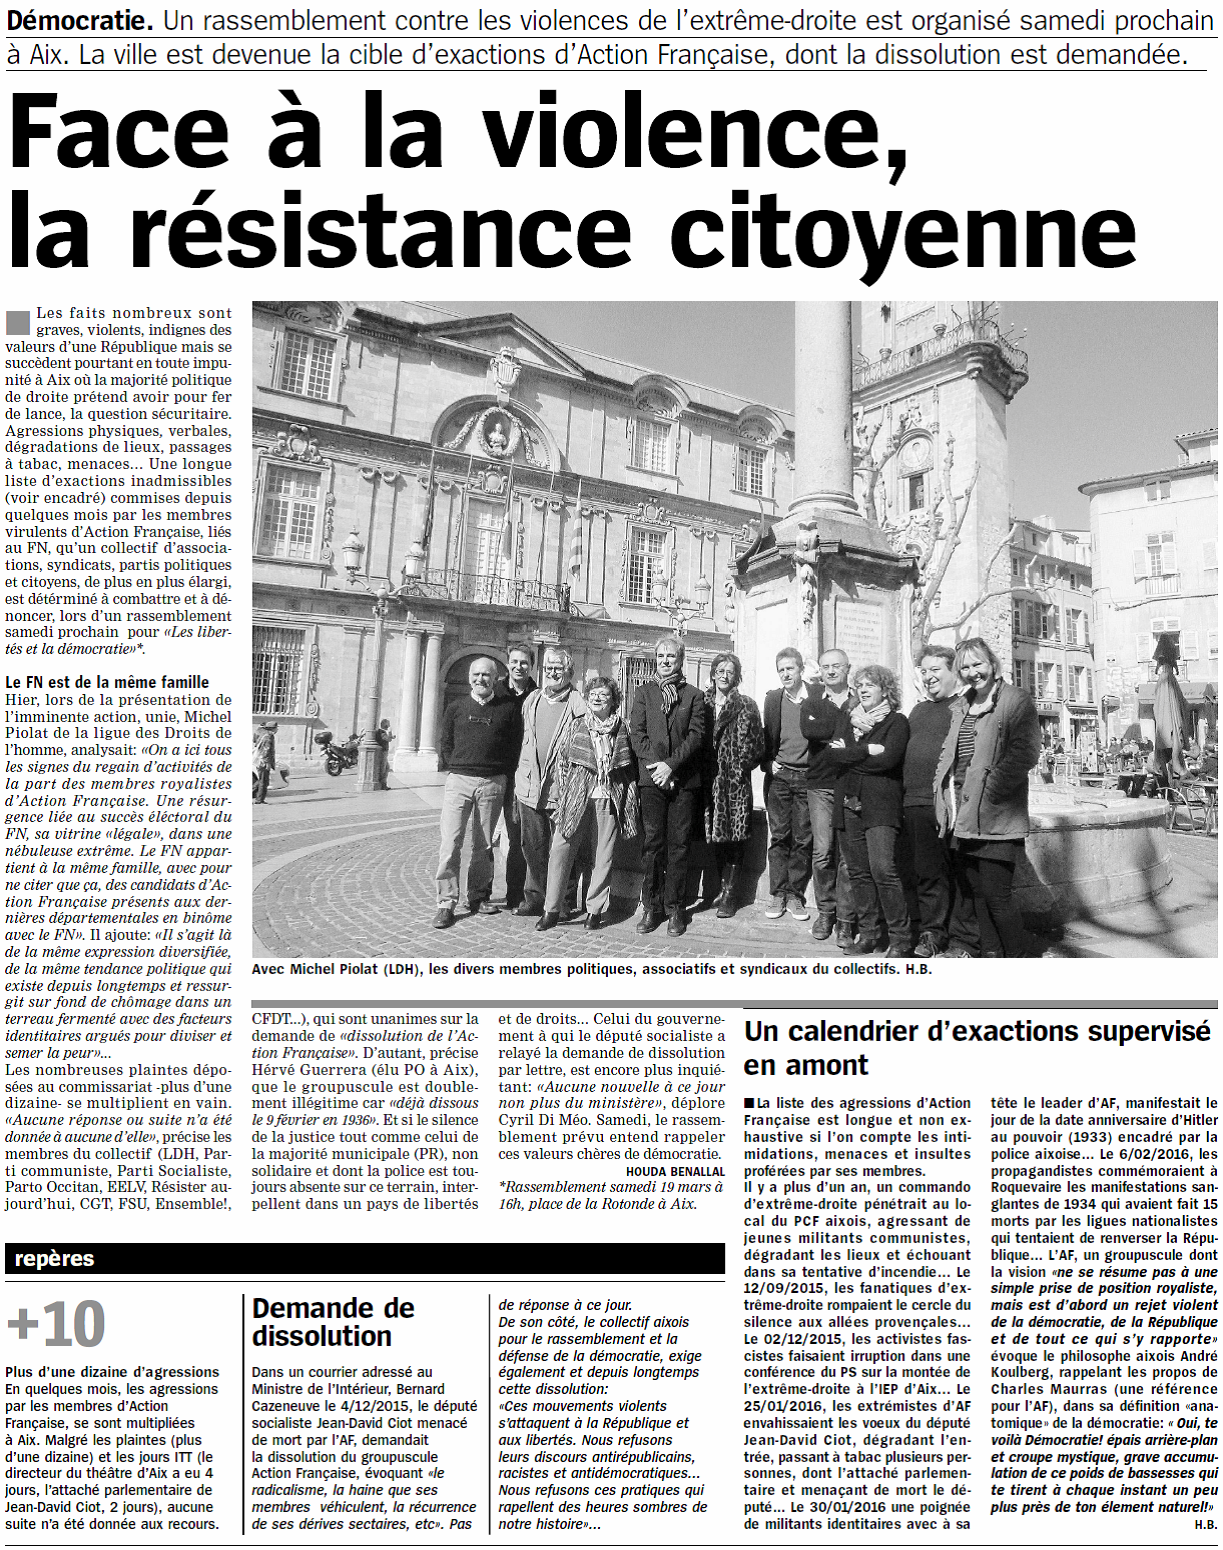 Marseillaise 19 mars